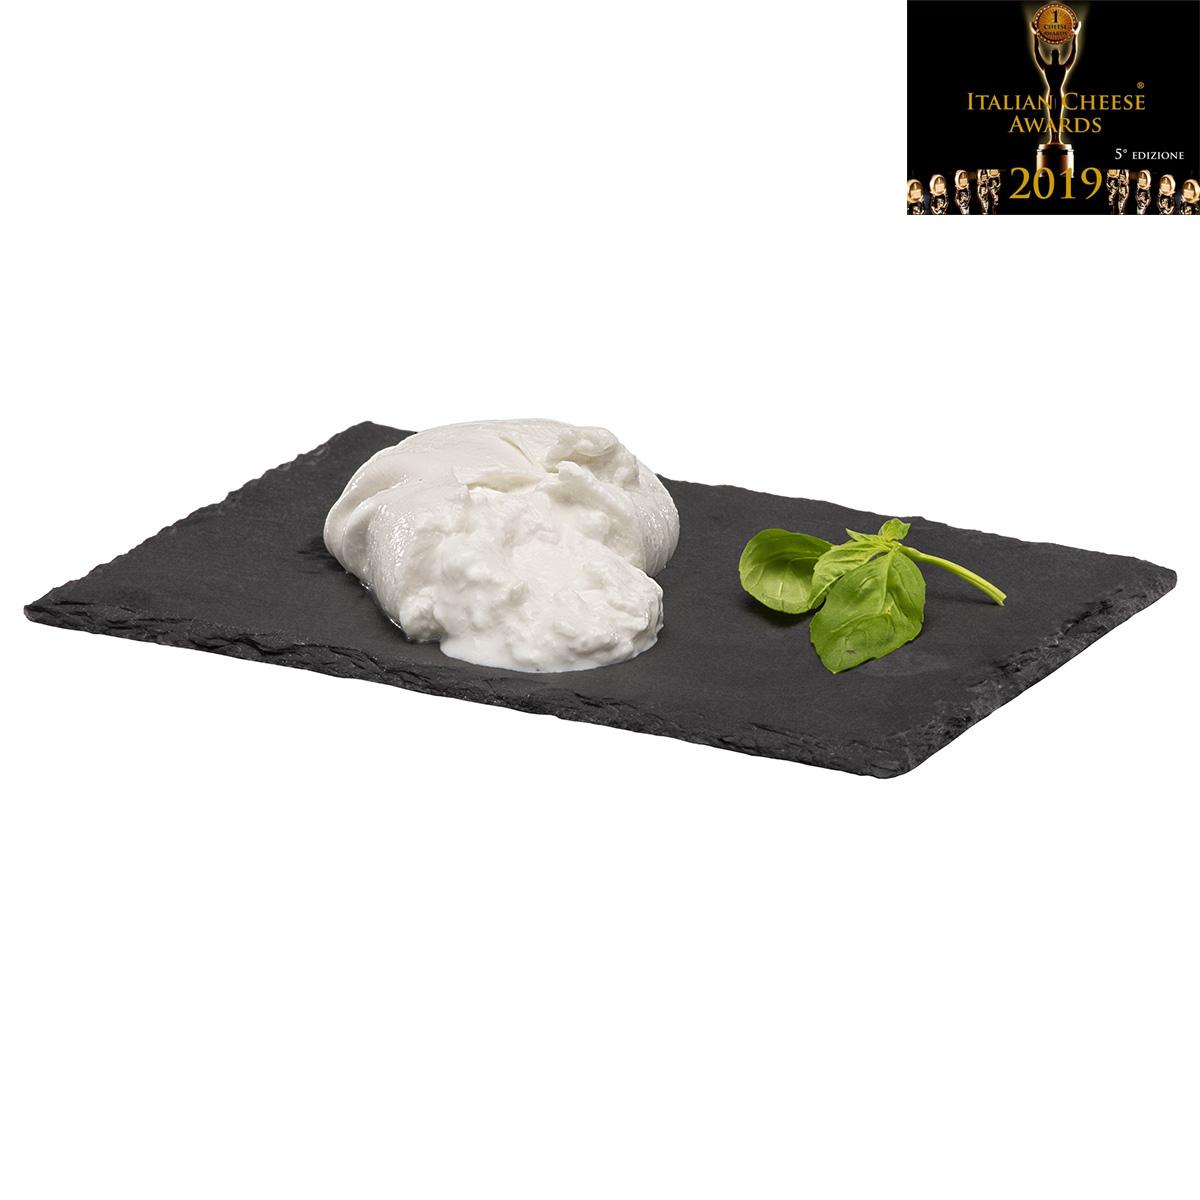 Burrata Pugliese formaggio italiano di prima qualità vendita online